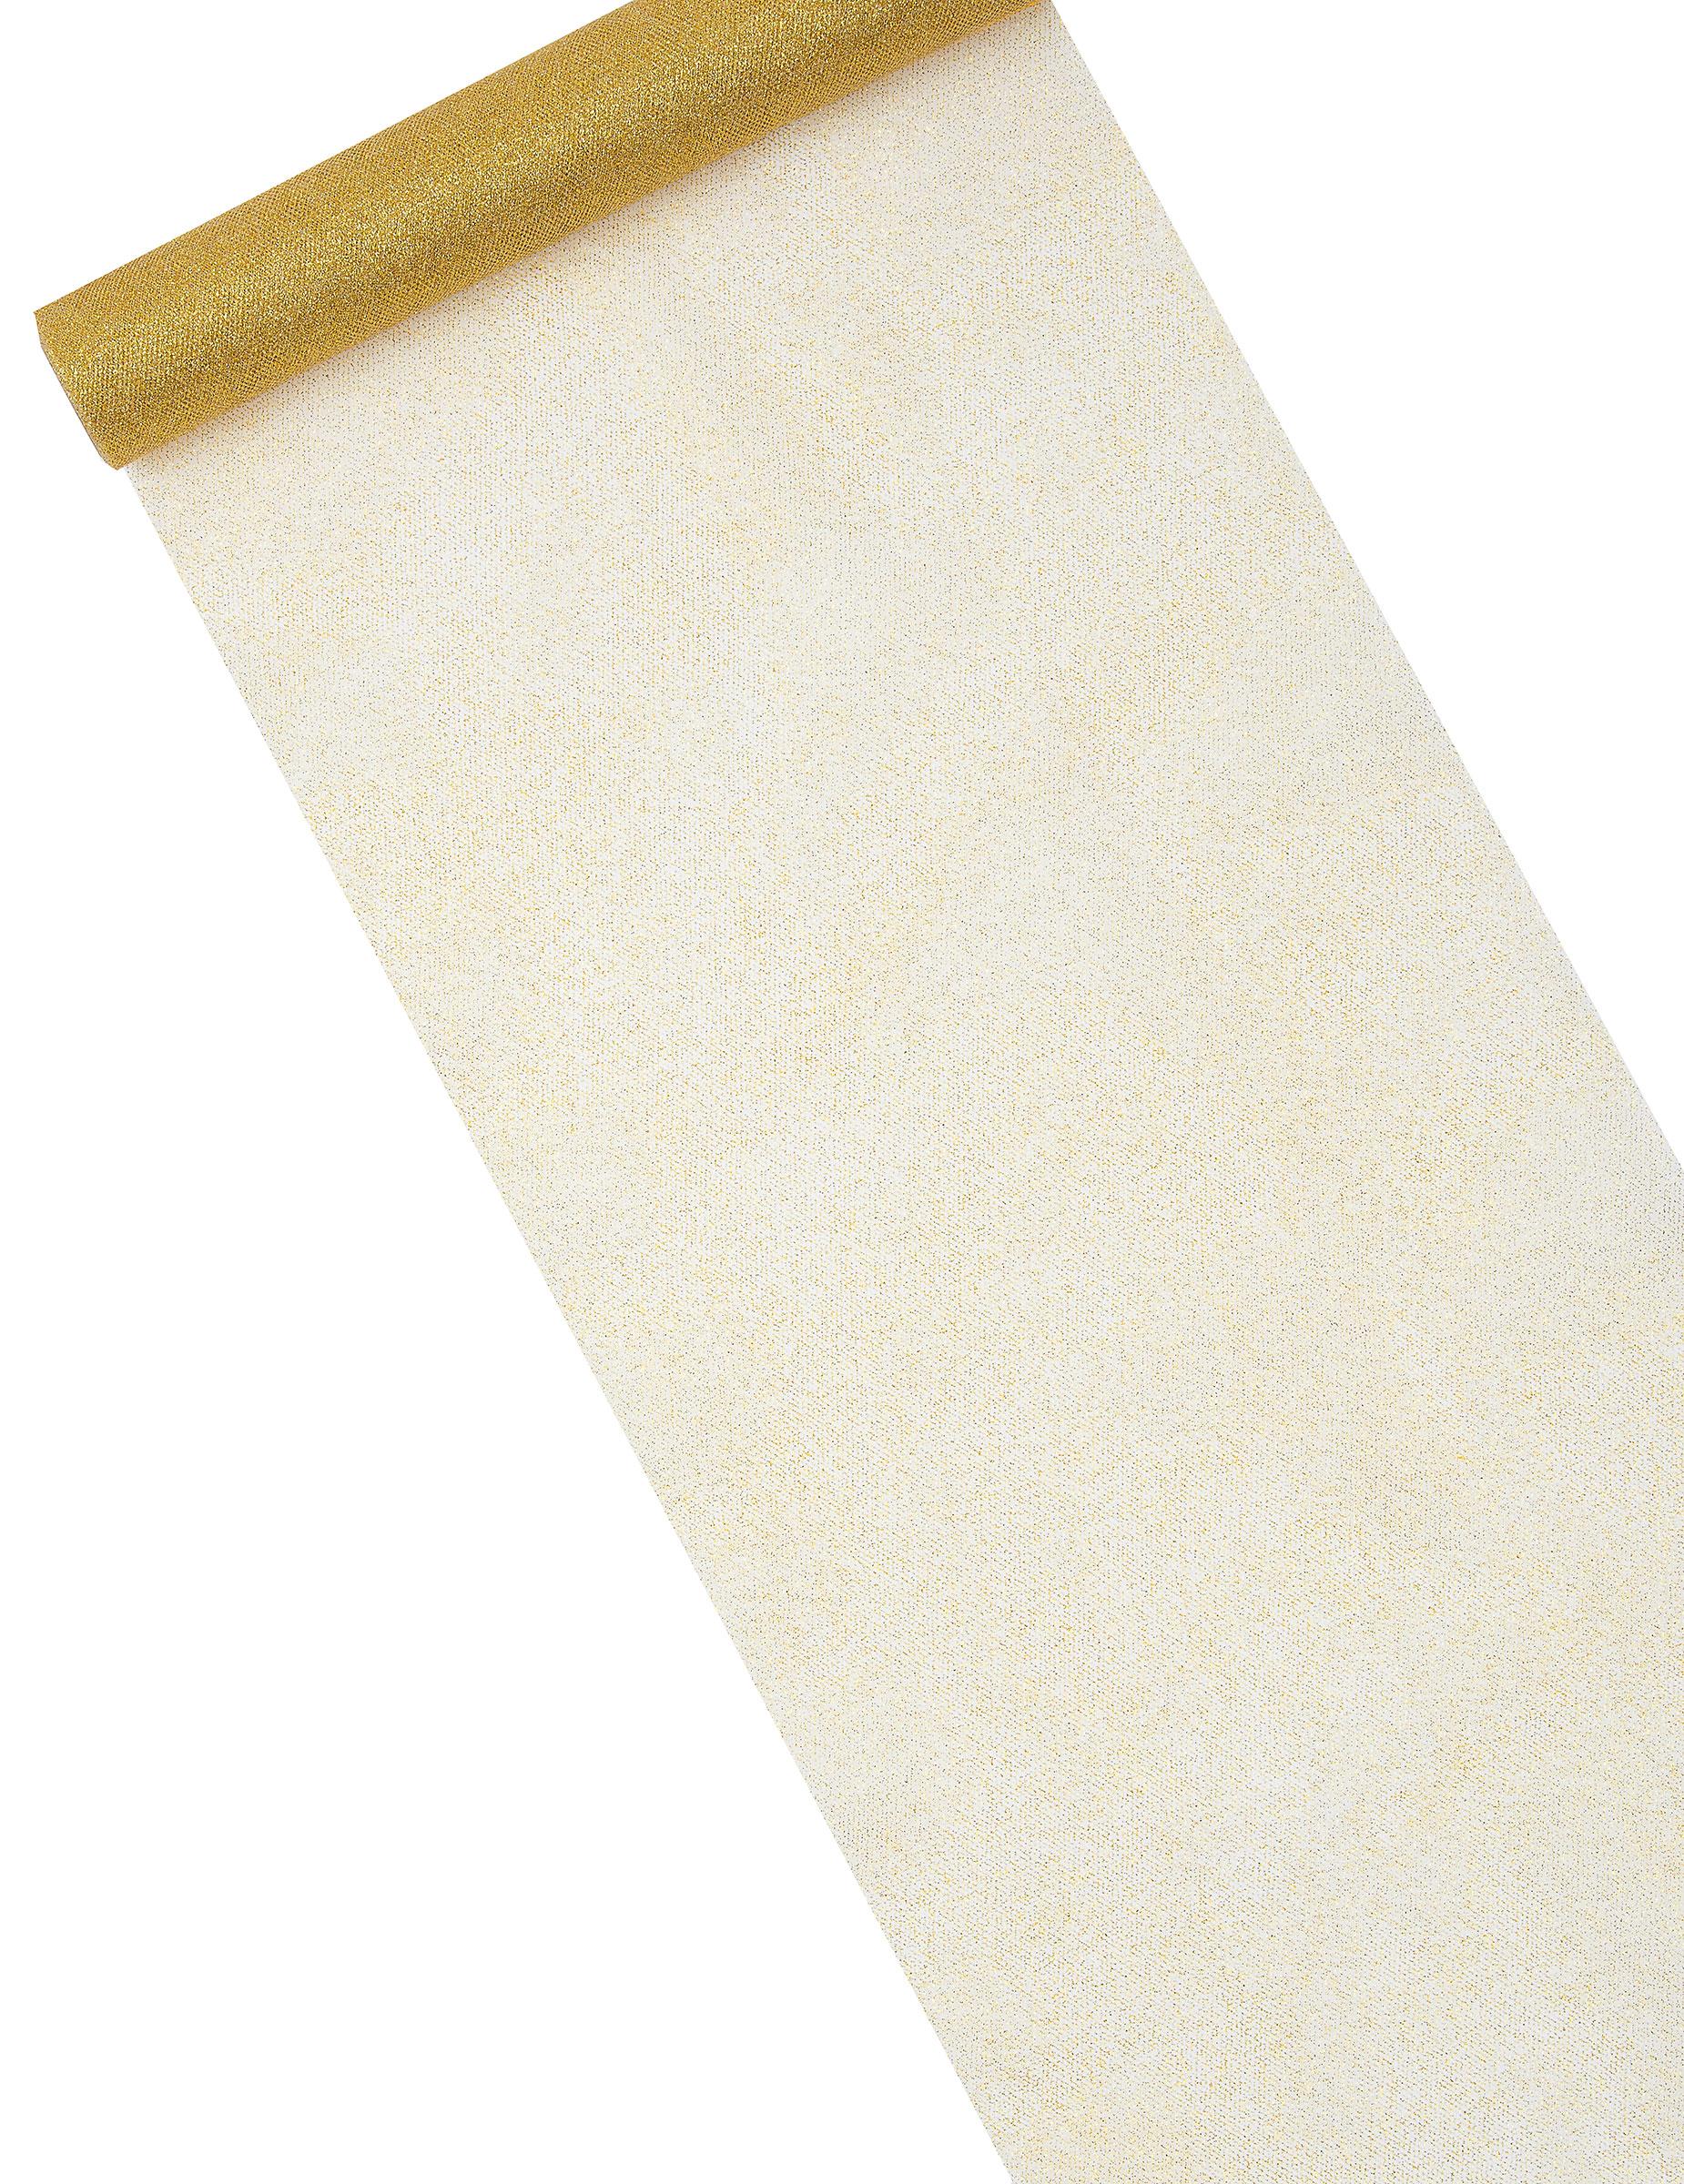 Chemin de table en tulle paillet dor d coration for Chemin de table personnalise